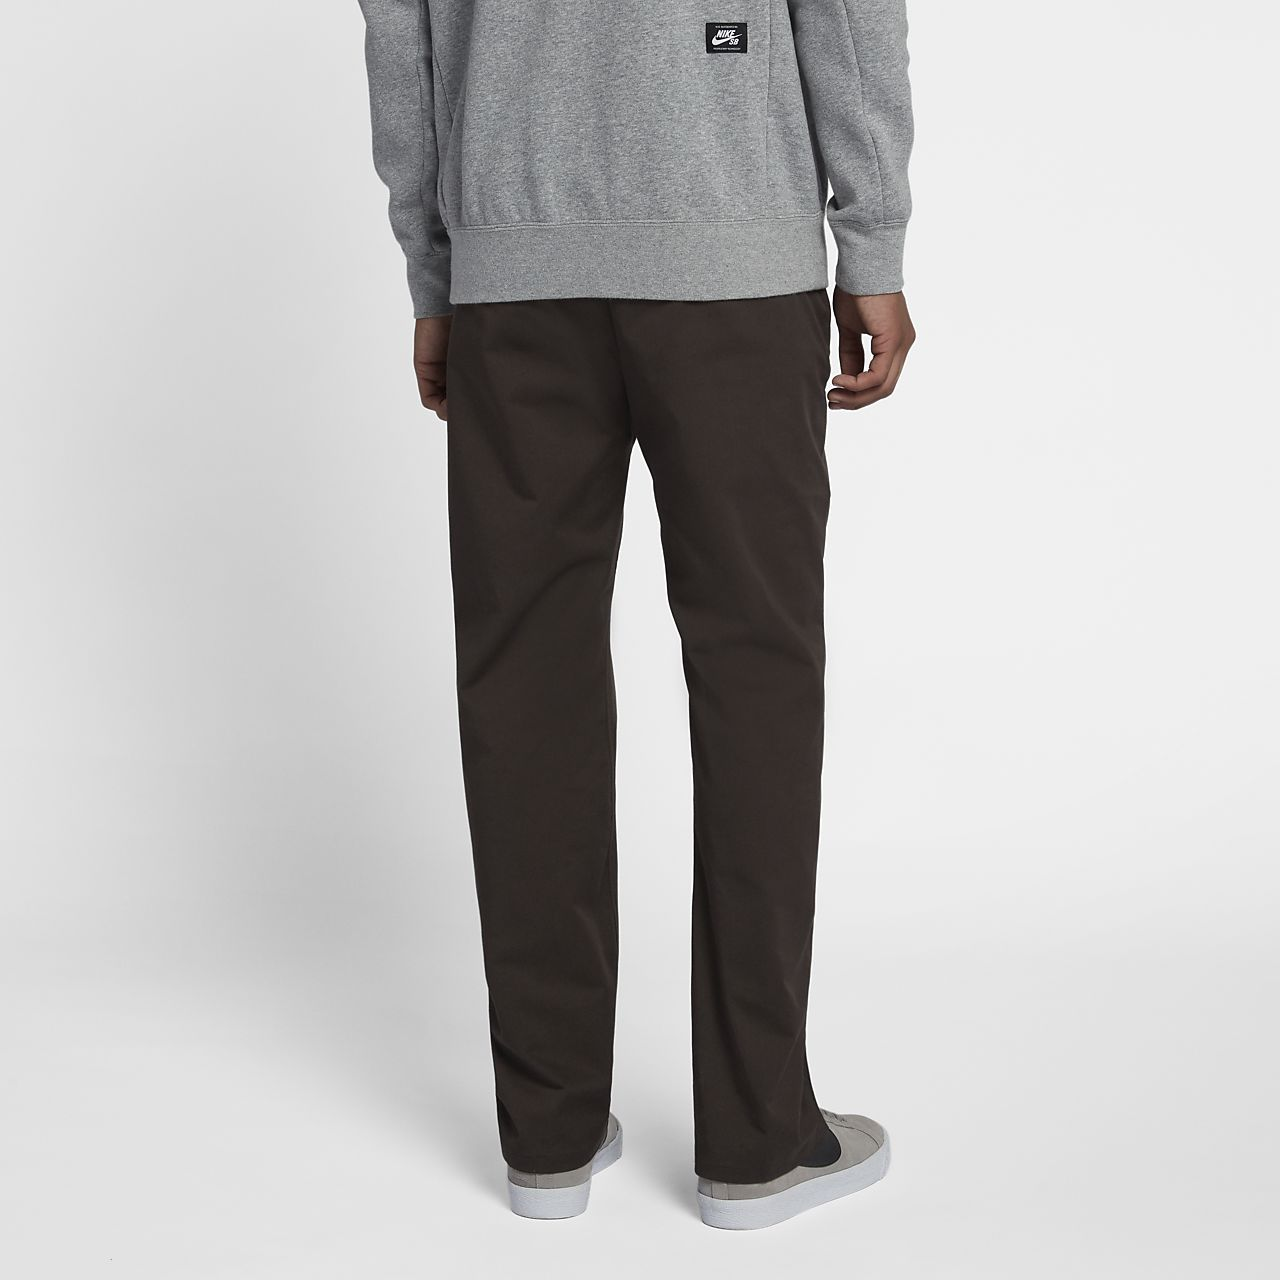 1f0257838ae570 Nike SB Dri-FIT FTM Men's Loose Fit Pants. Nike.com